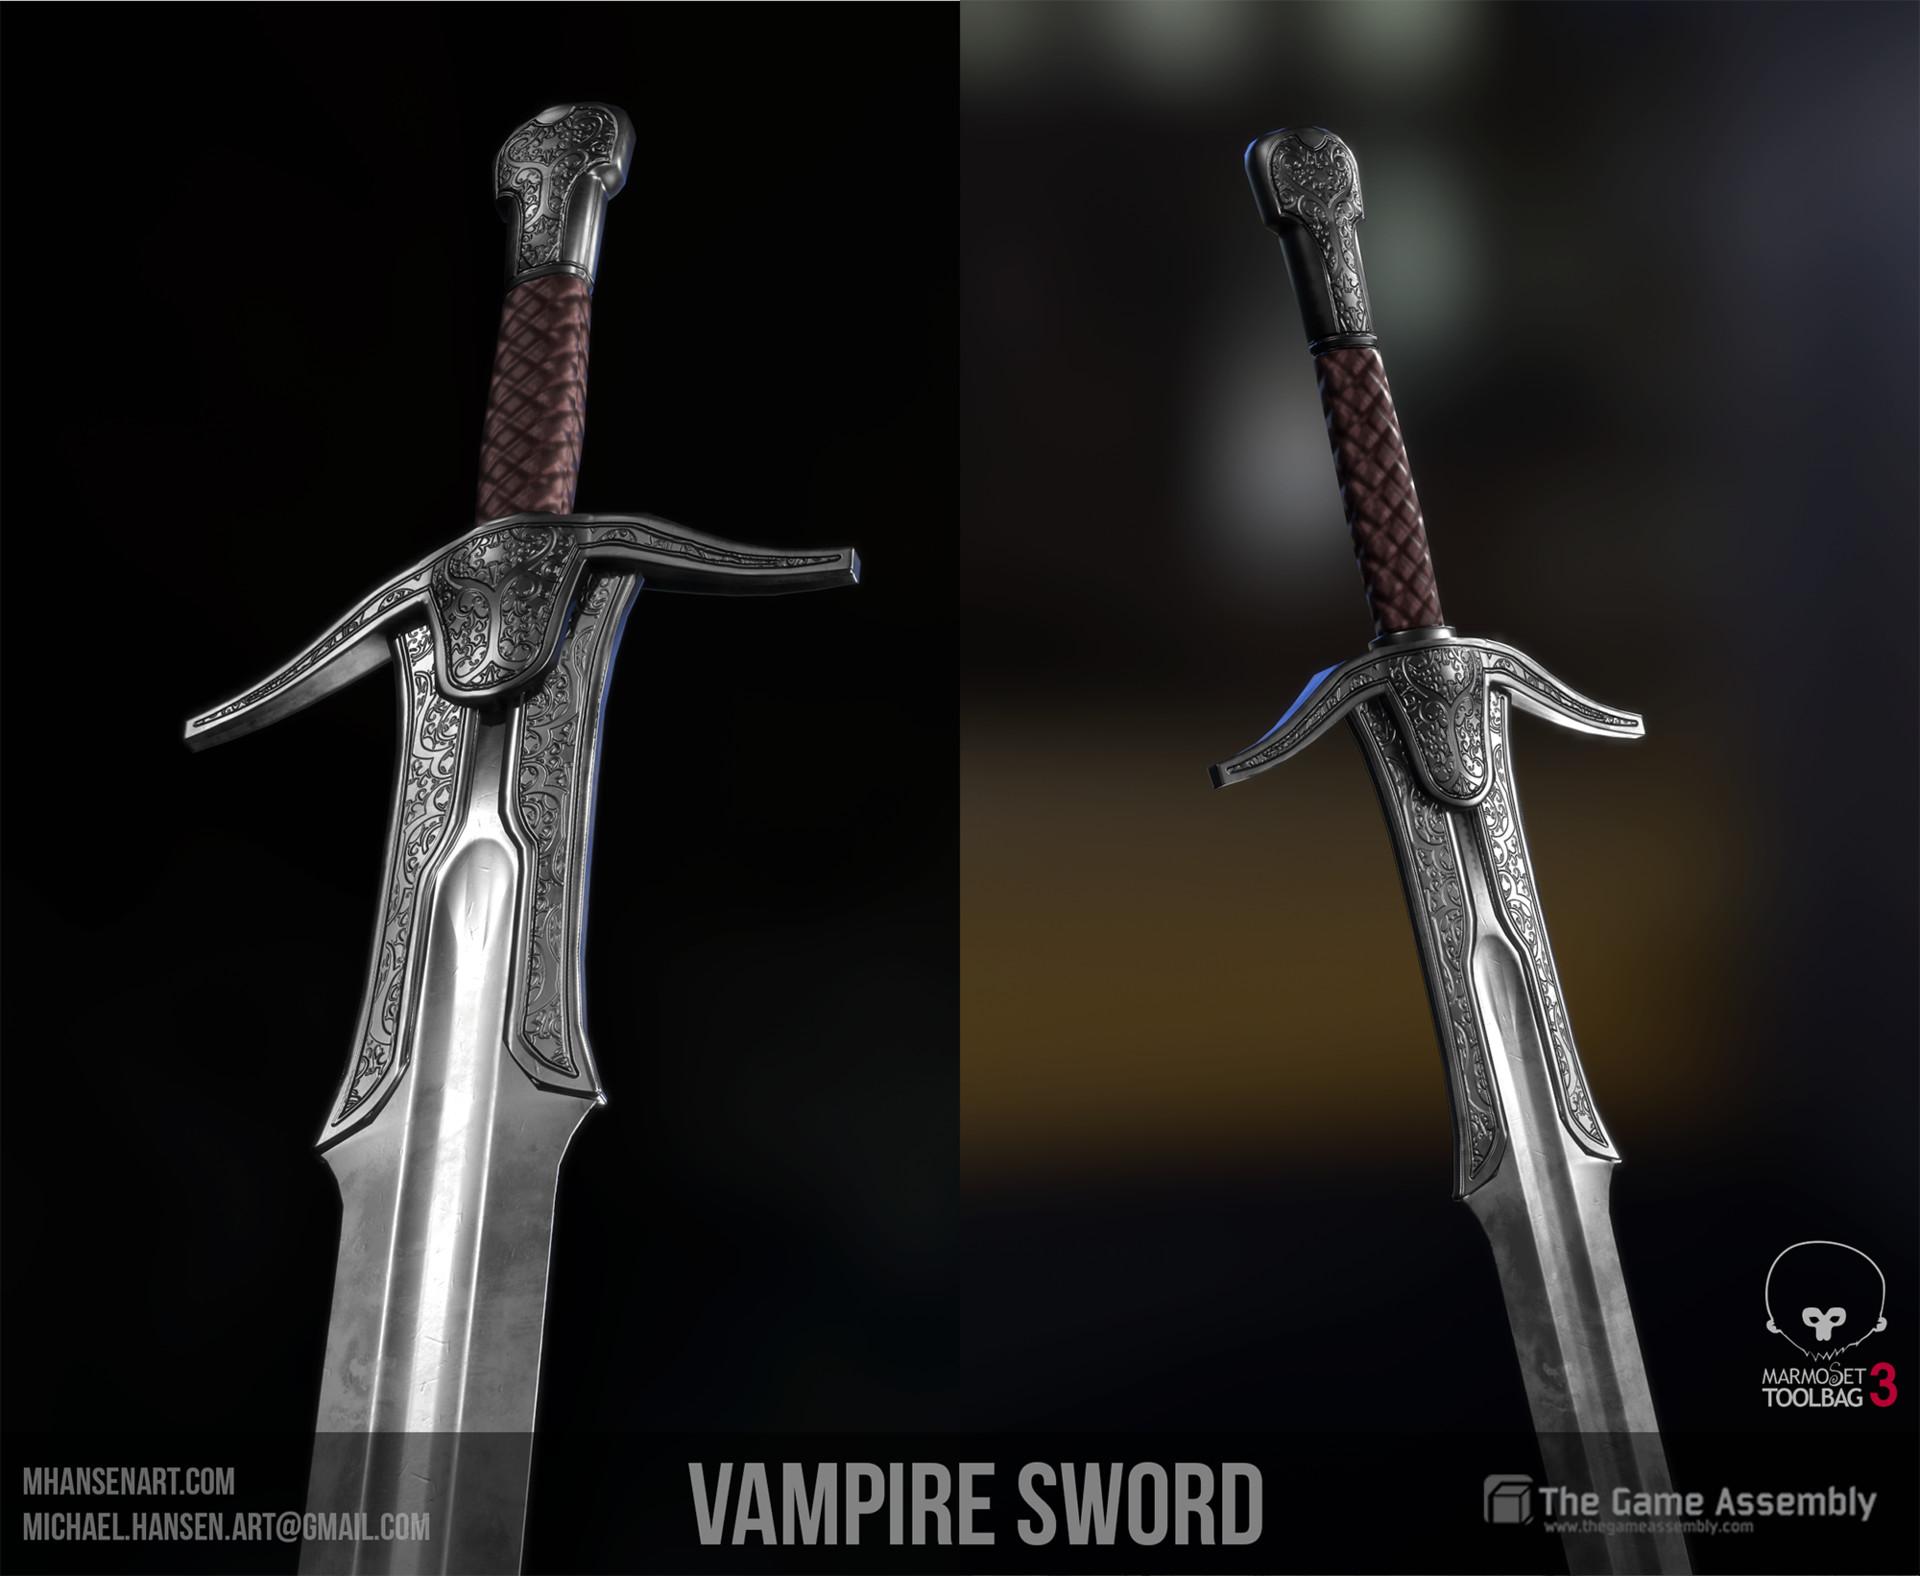 Michael hansen sword01